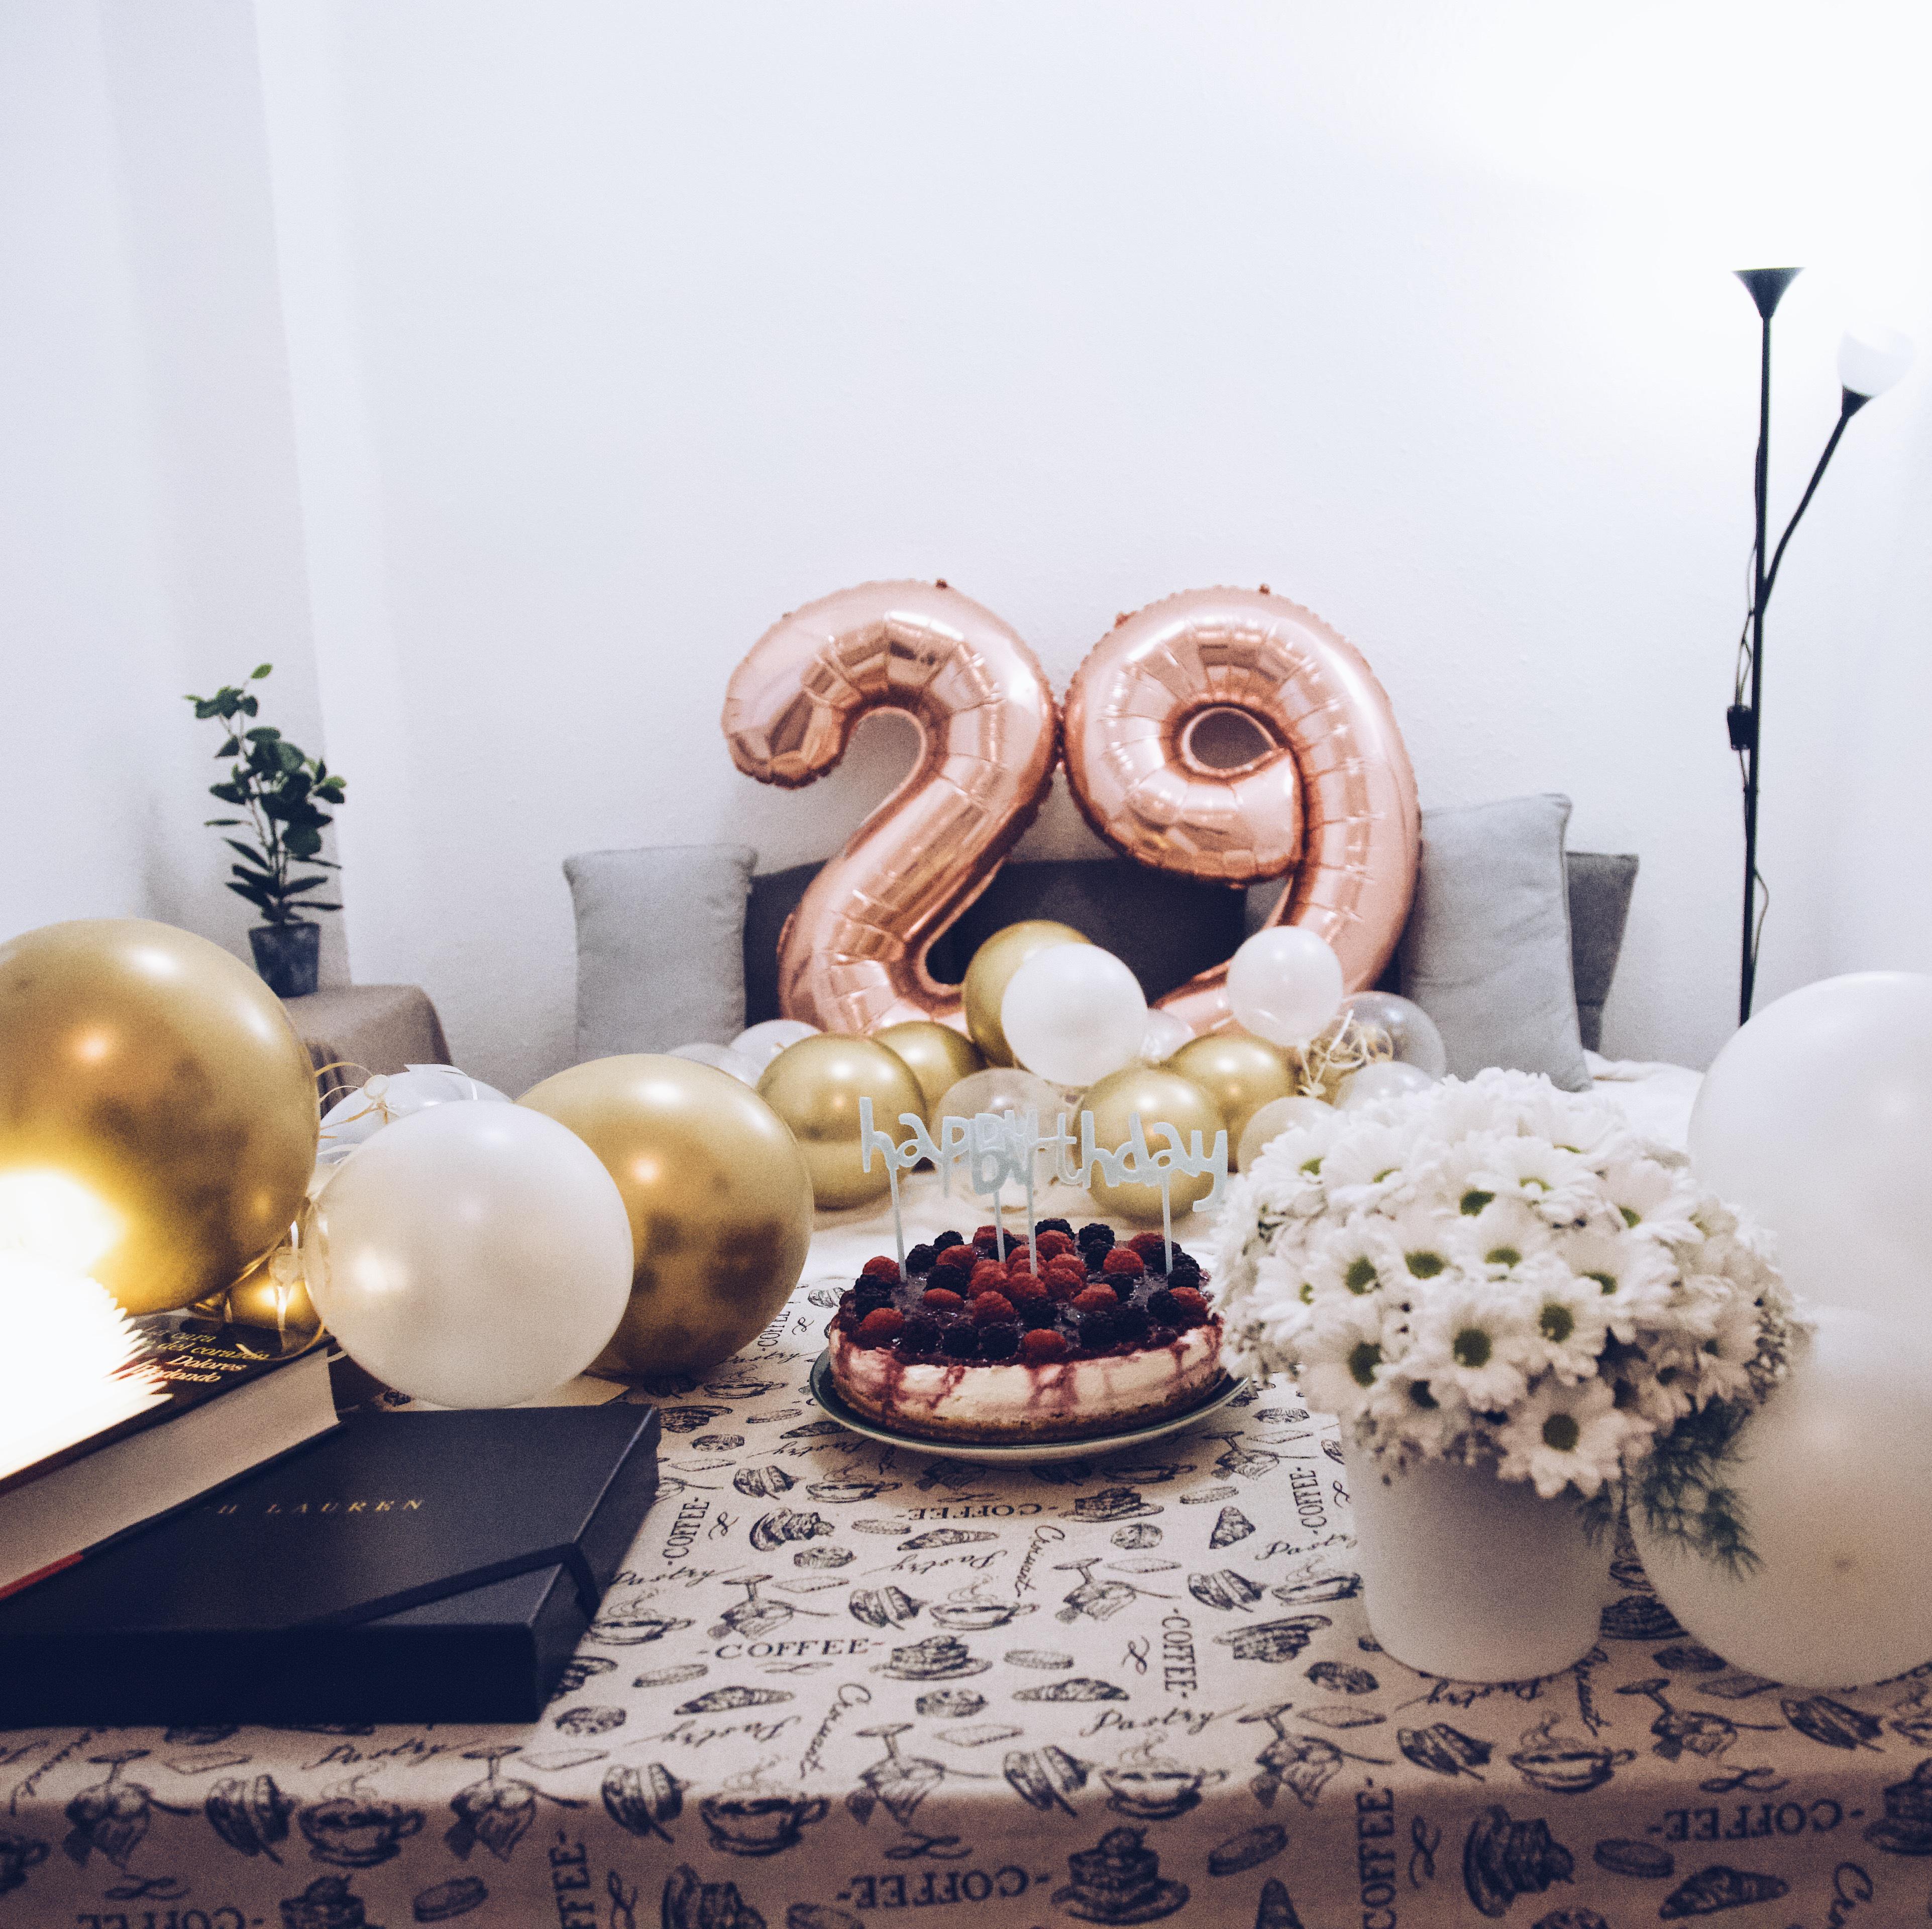 compleanno, quarantena, compleanno in quarantena, onemoreaddiction, giulianapoli